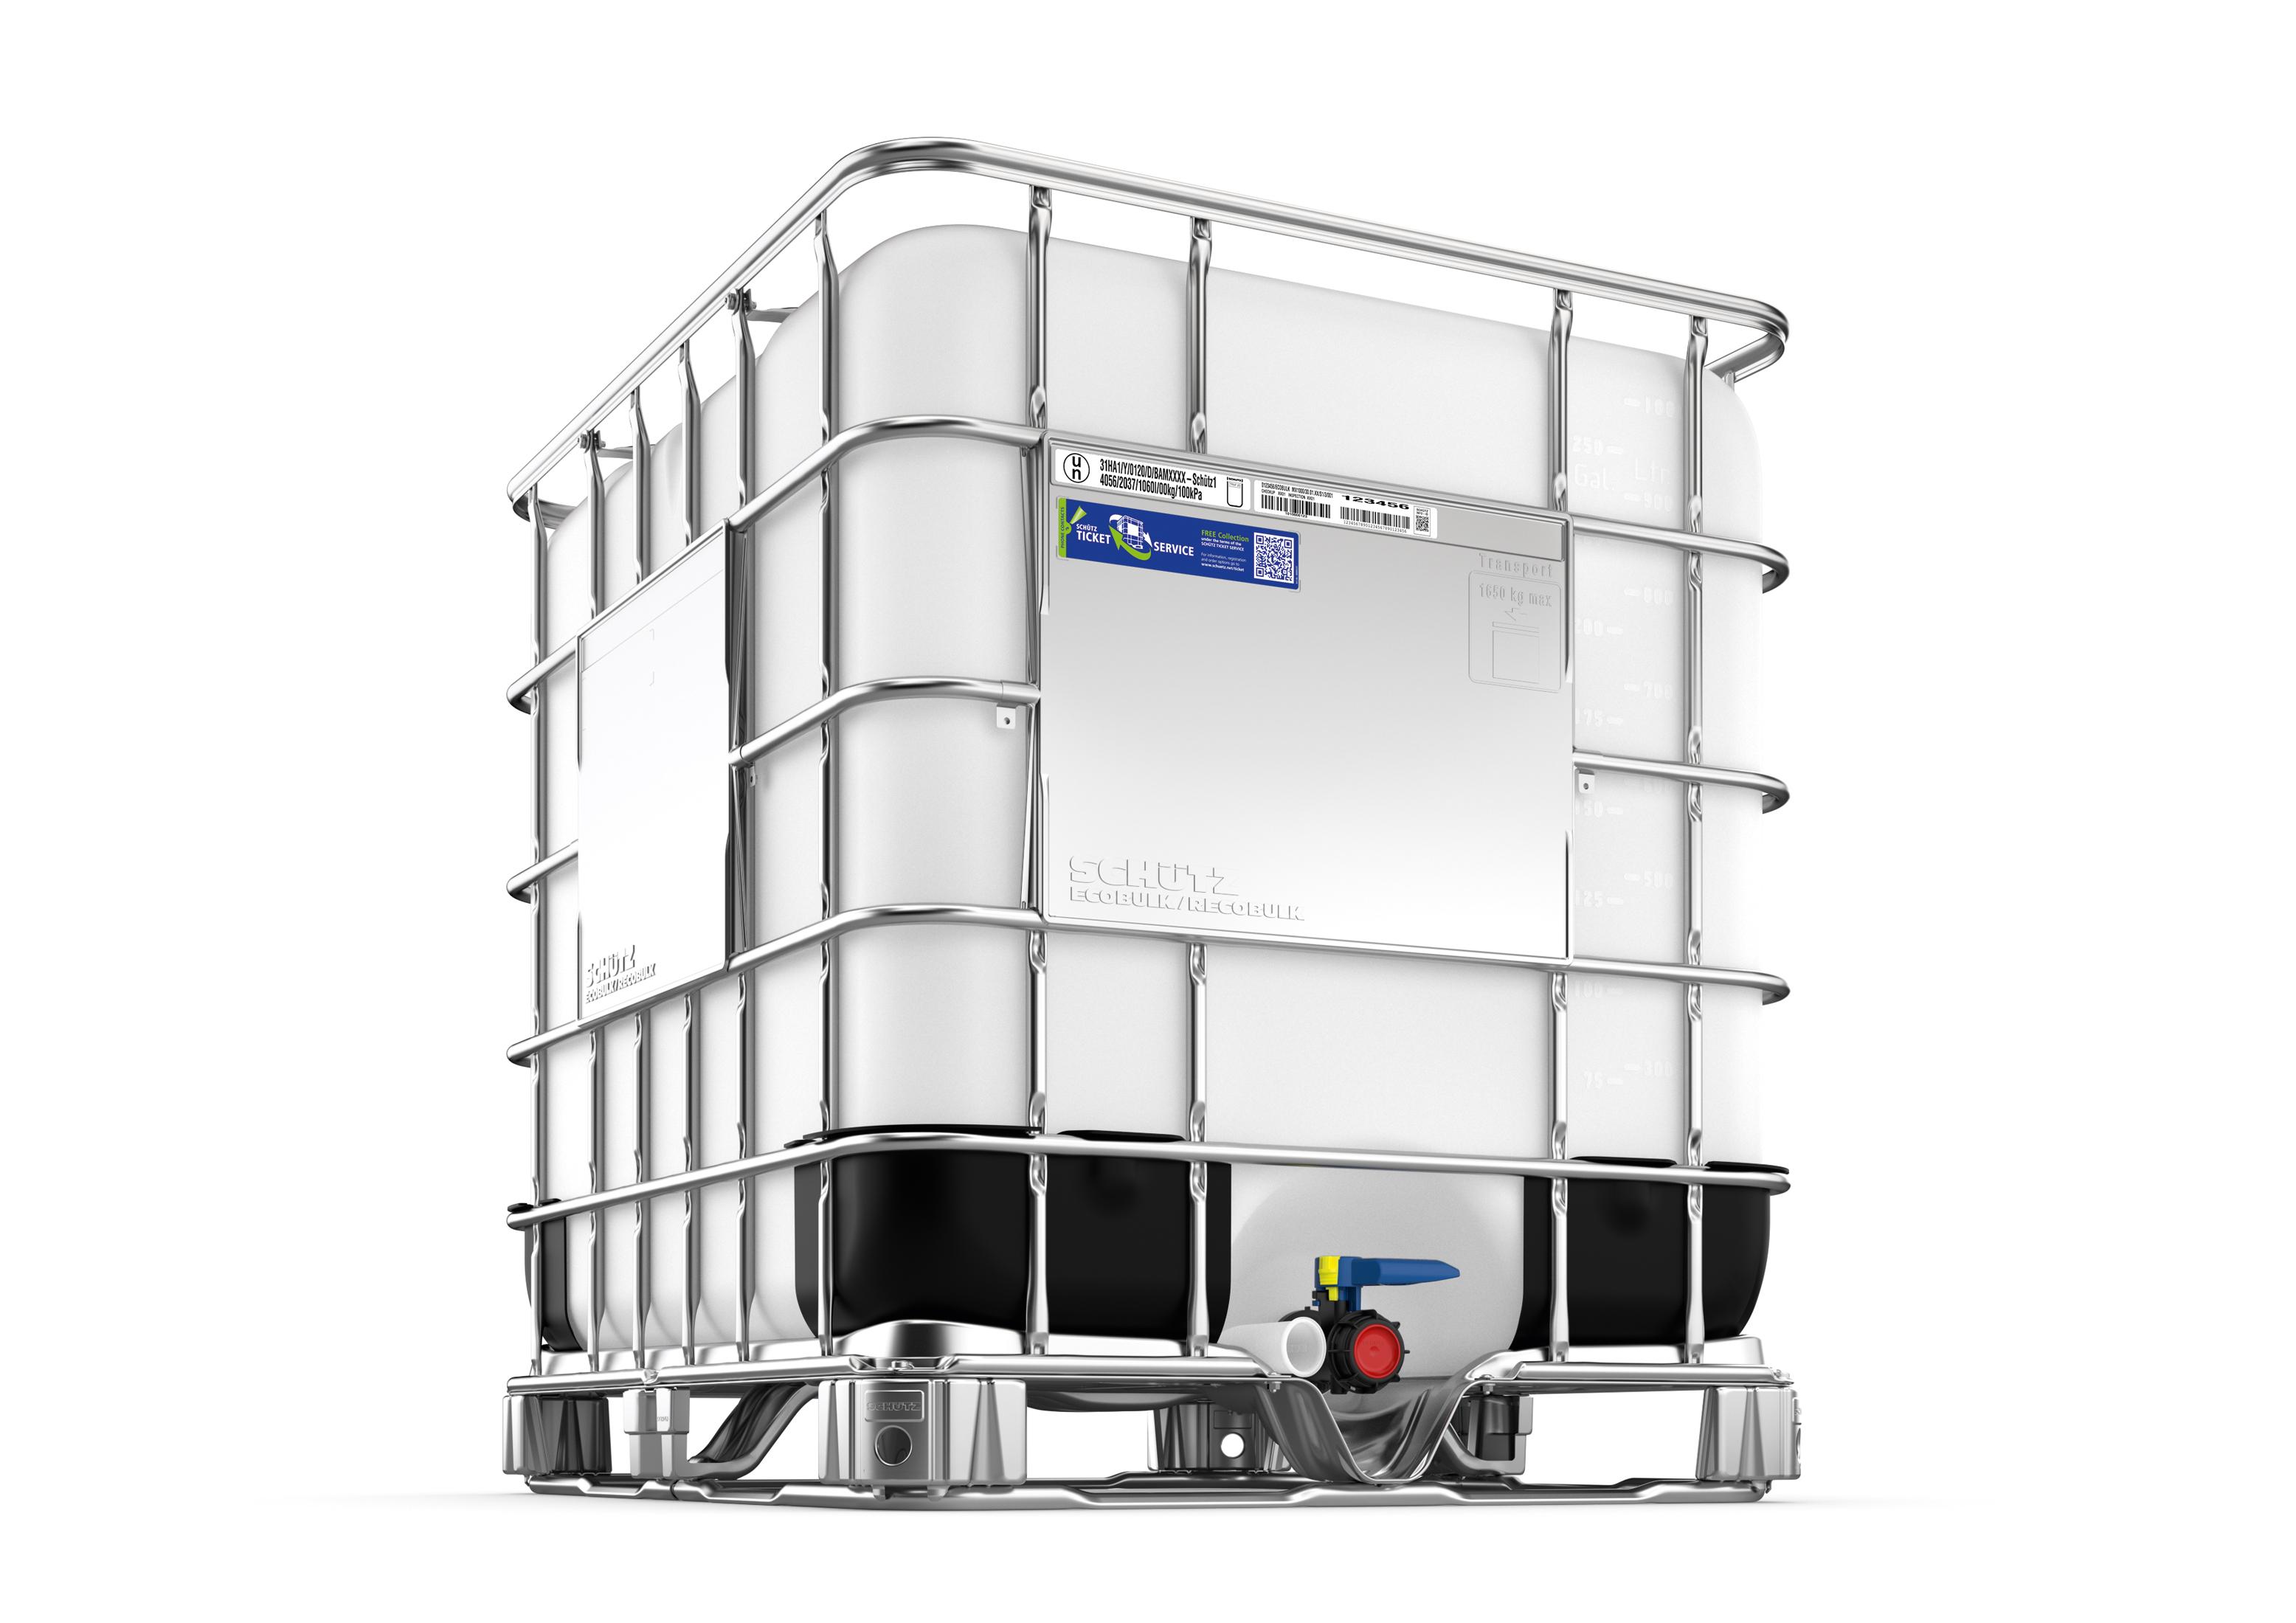 Ibc container l 1000 Intermediate bulk